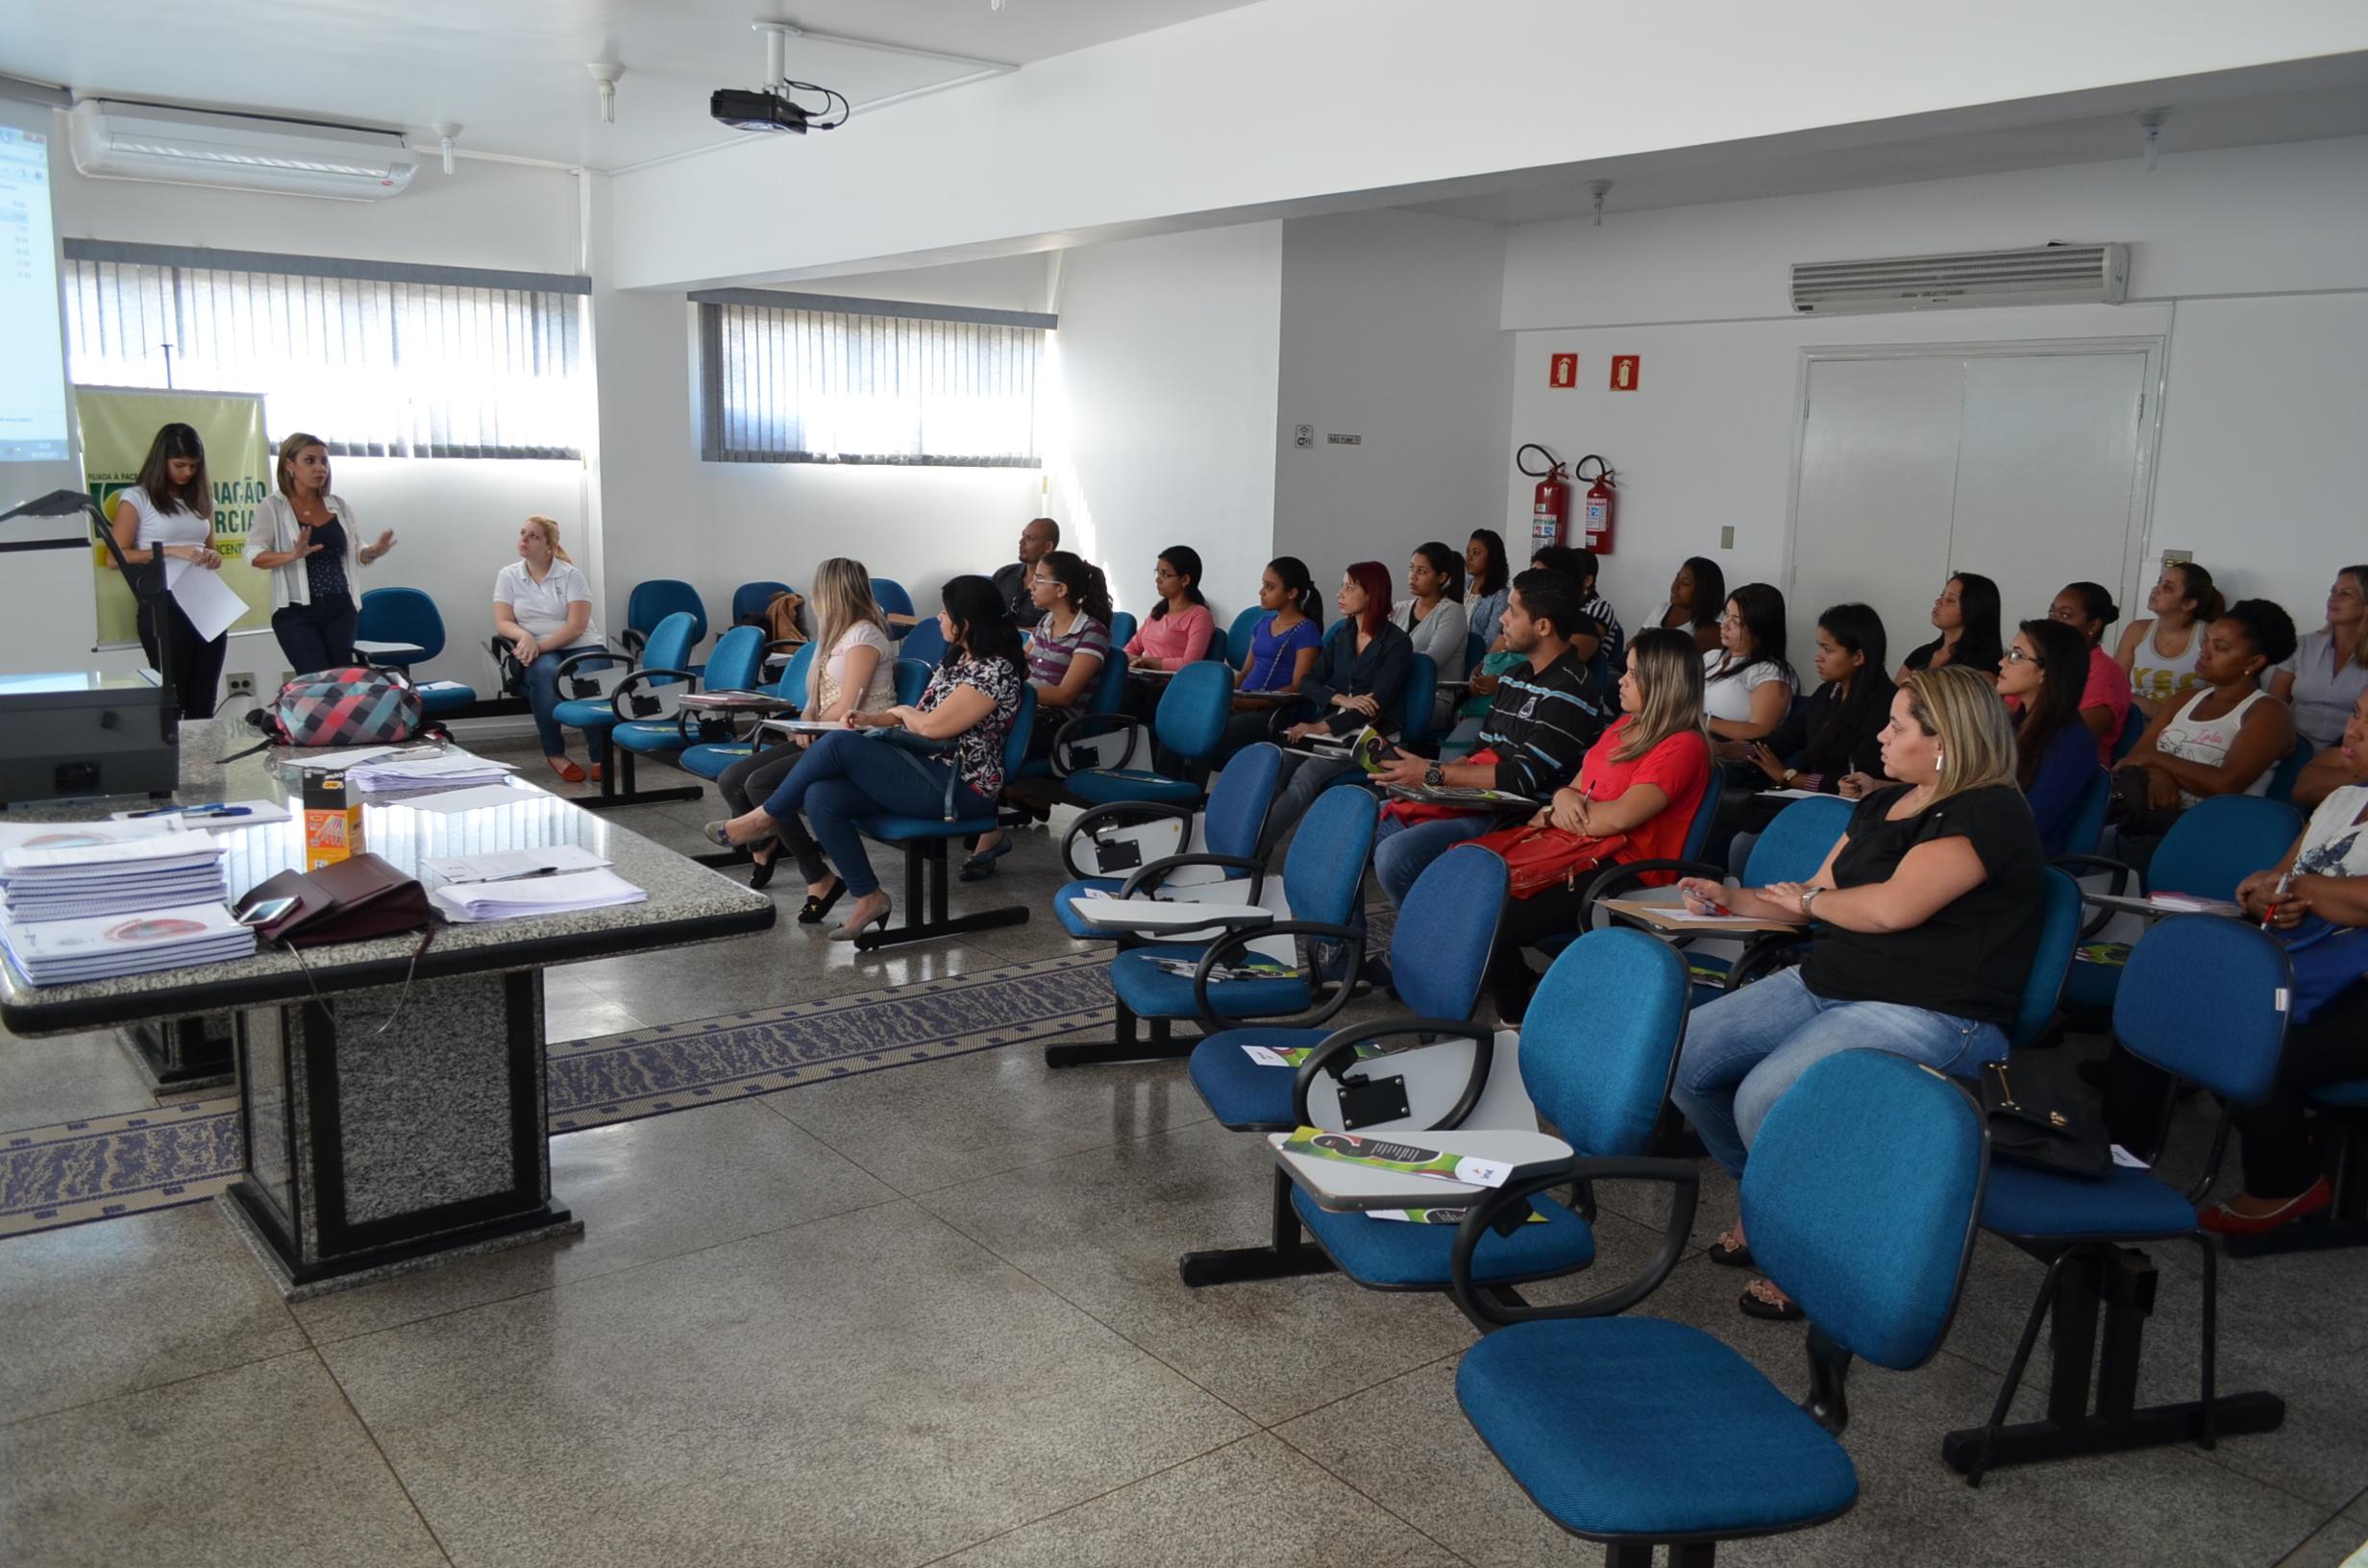 Capacita Comércio - São Vicente (09.06.15)